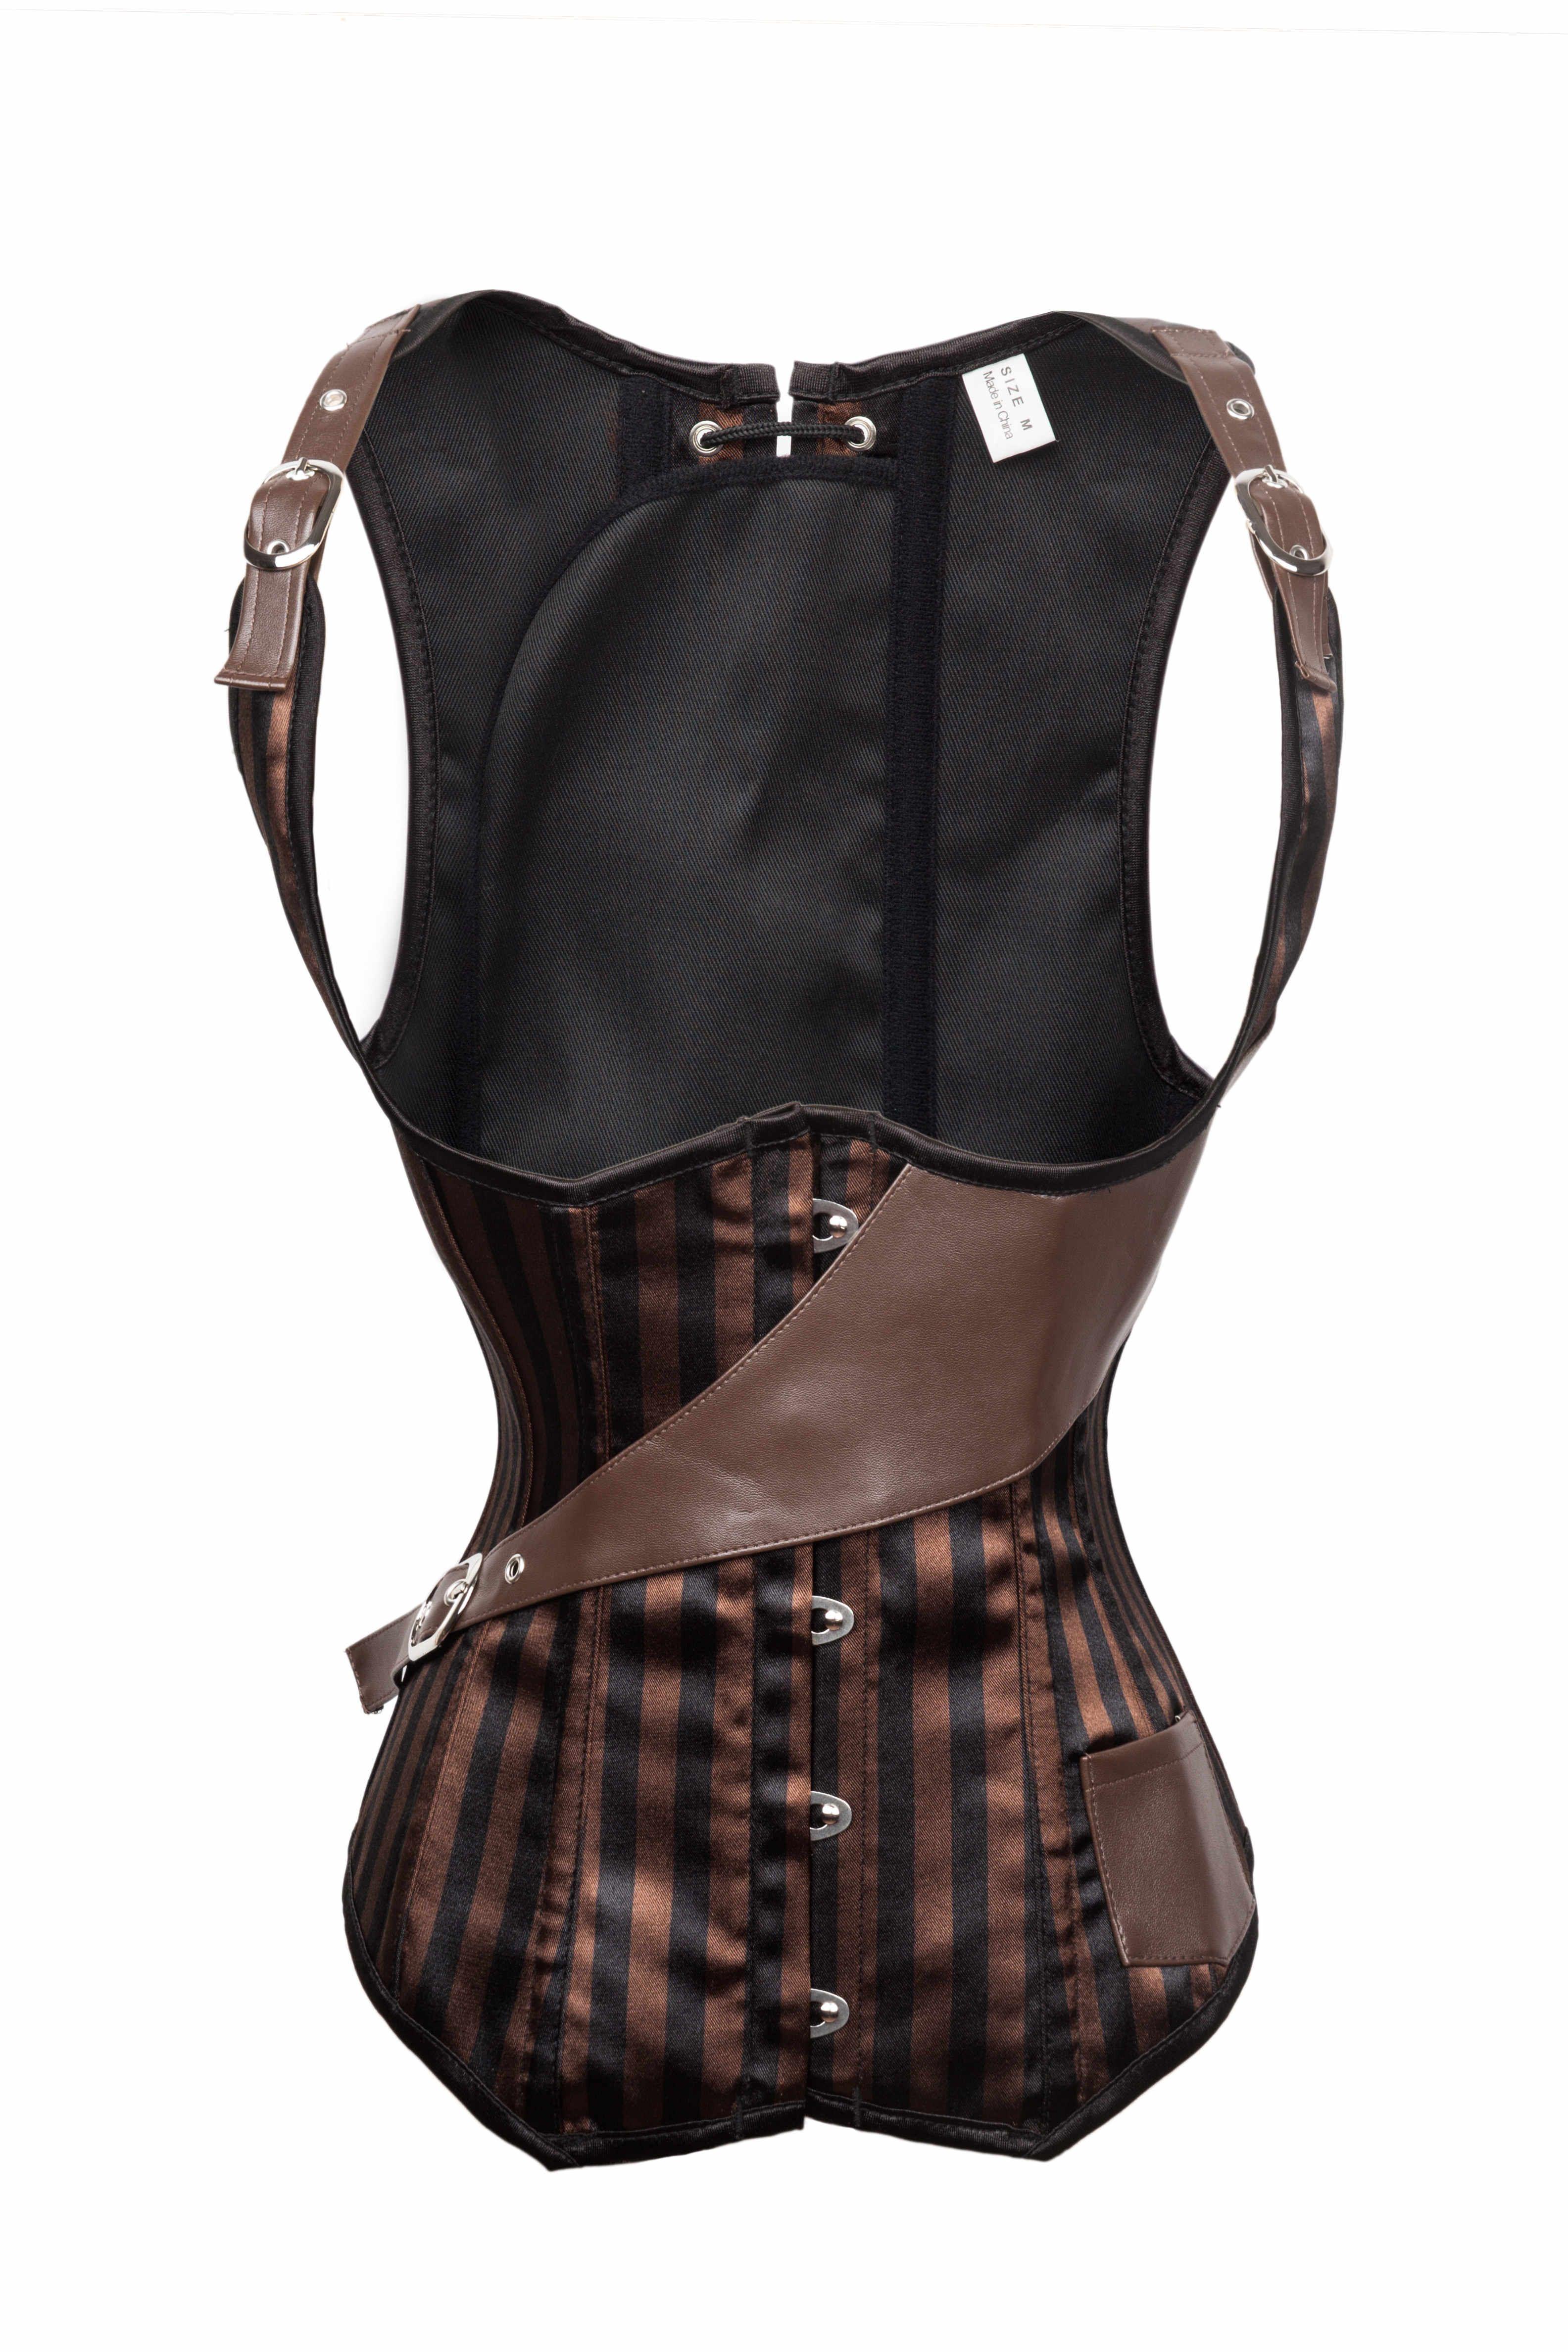 6a1b3f0d871d9 2019 GLAMCARE Bustier Belt Faux Leather Corset Strap Hook Underbust Women  Steampunk Steel Bone Shapewear Lingerie Underwear From Andrewapparel